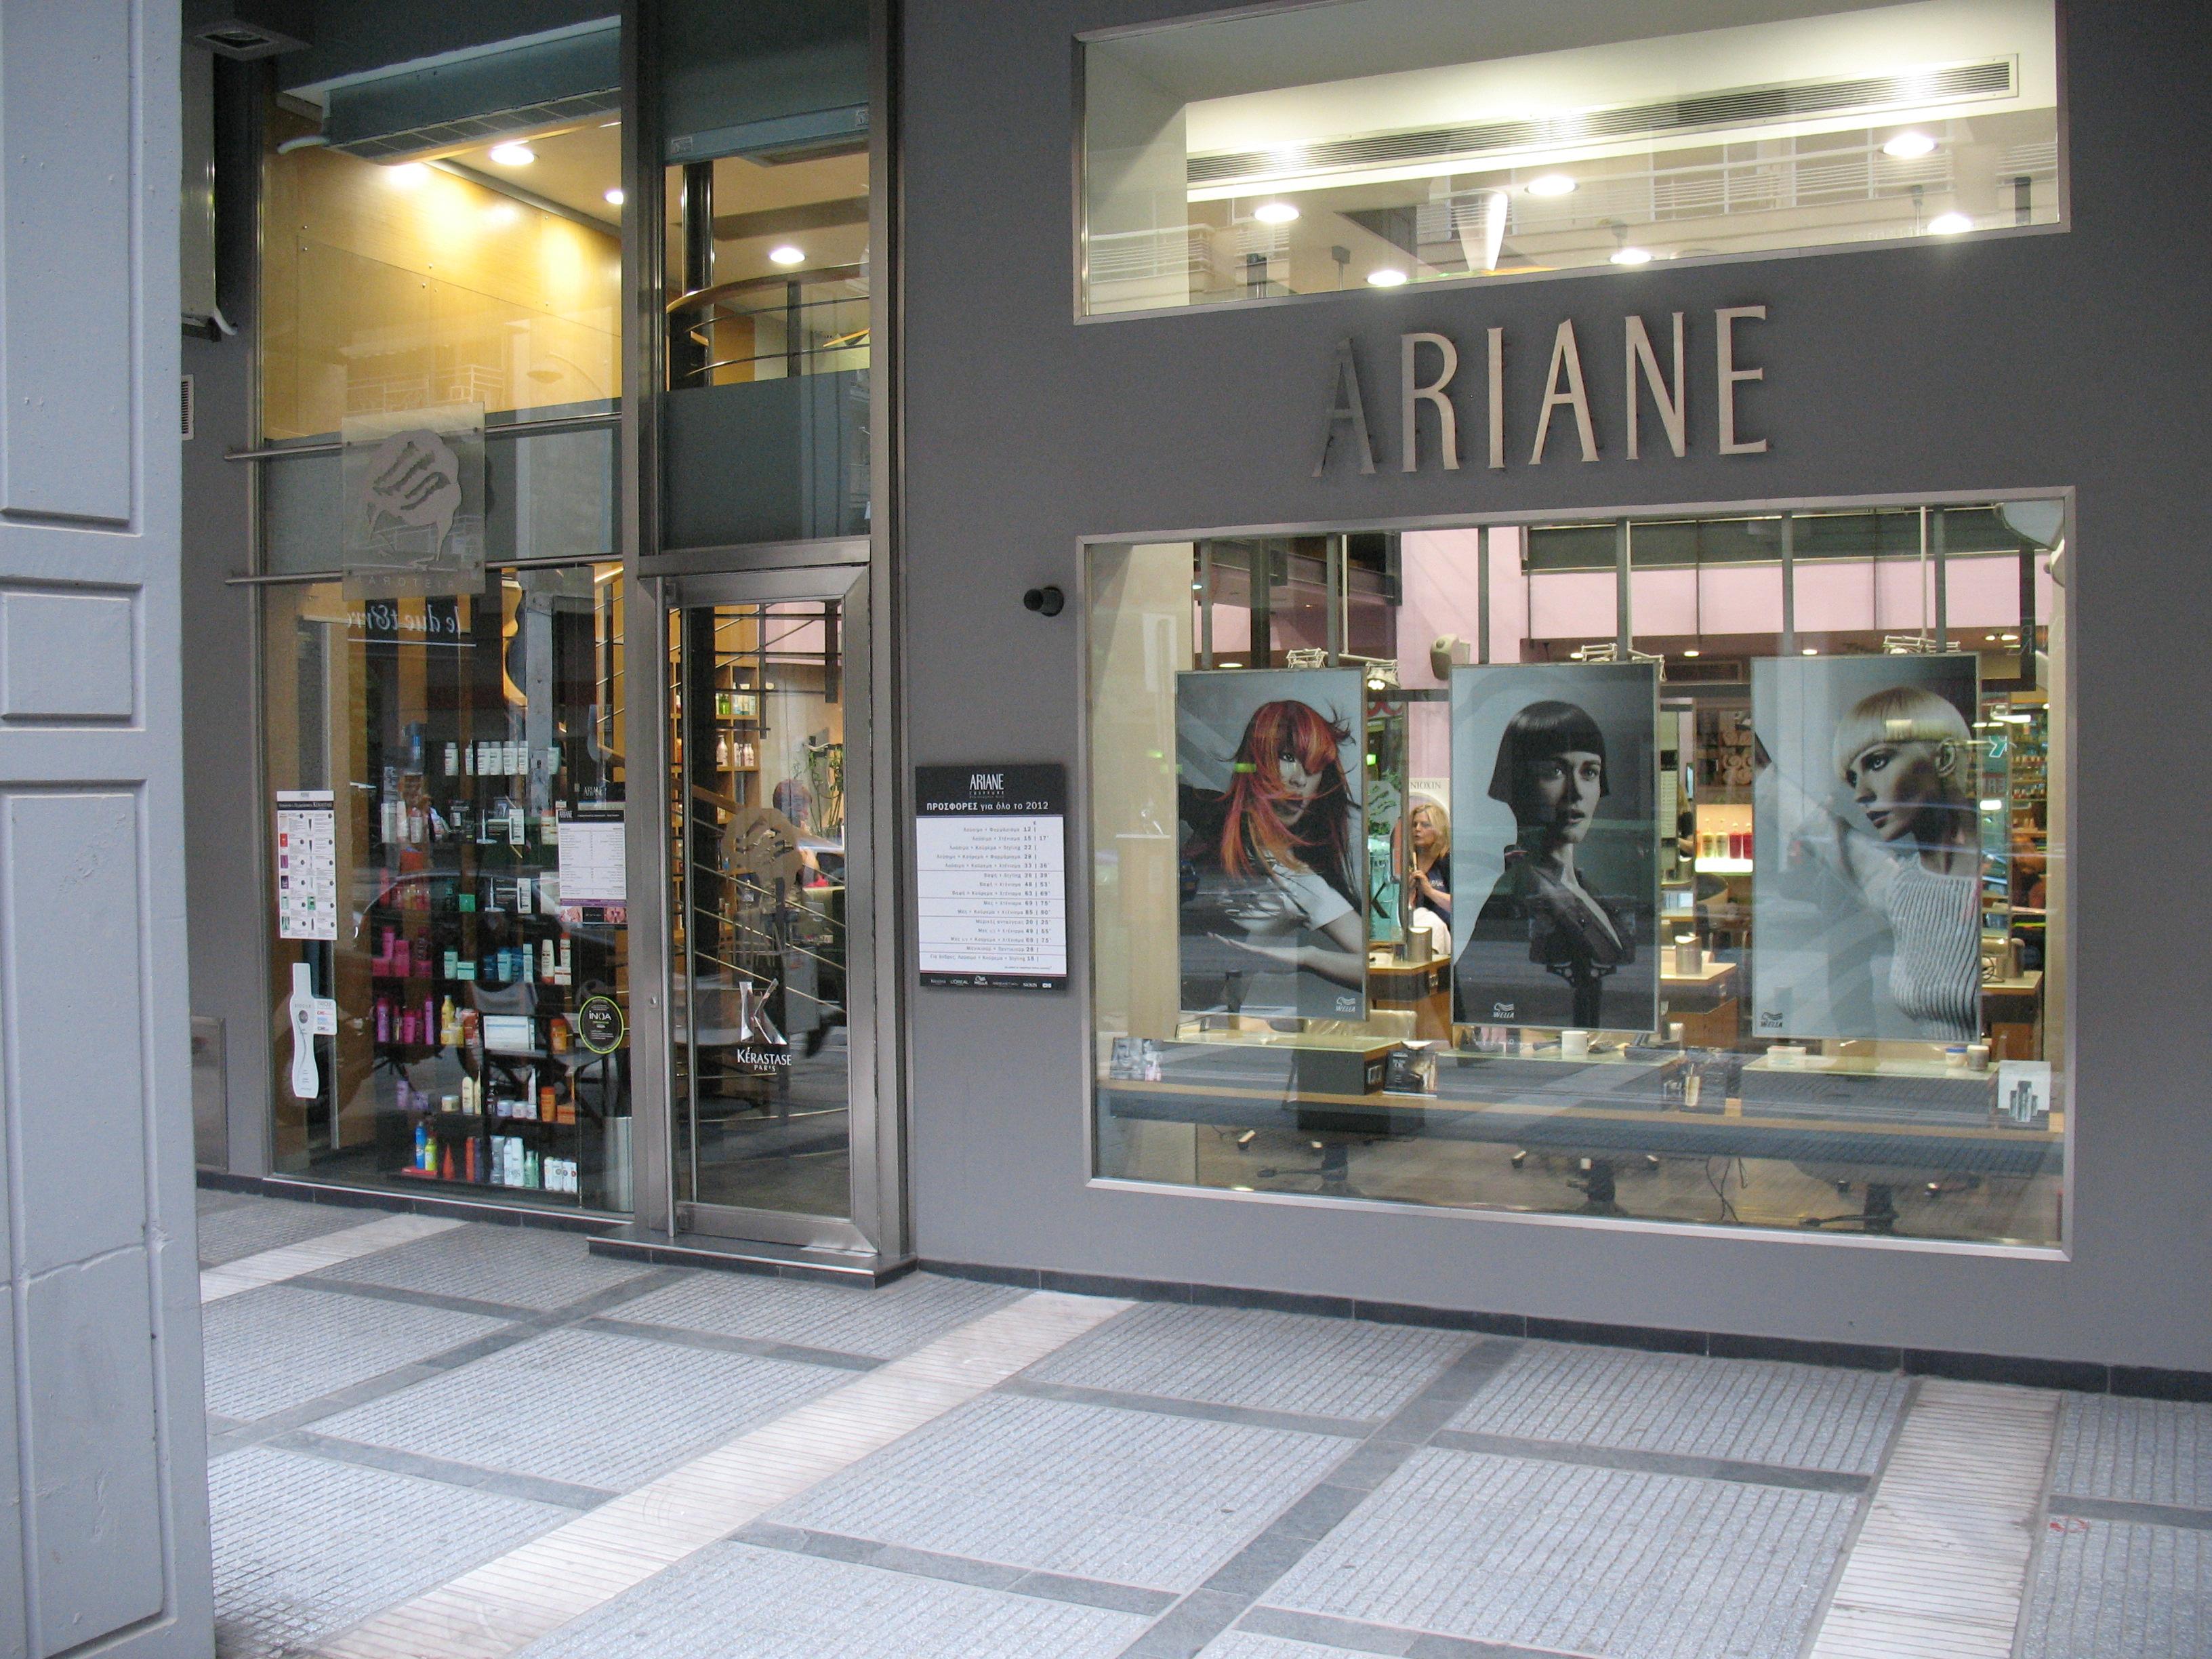 Arianne-6